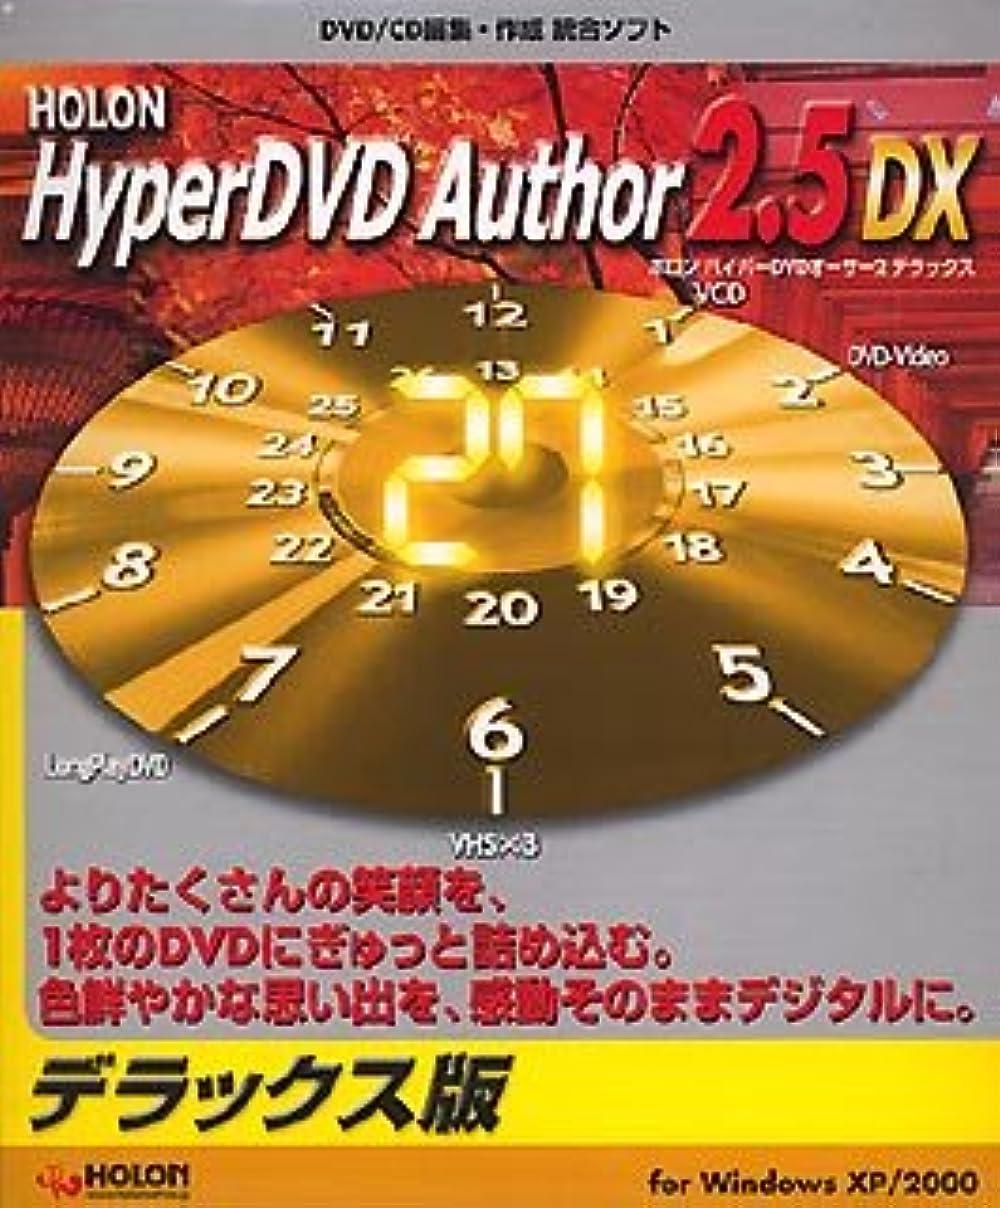 Holon HyperDVD Author 2.5 DX